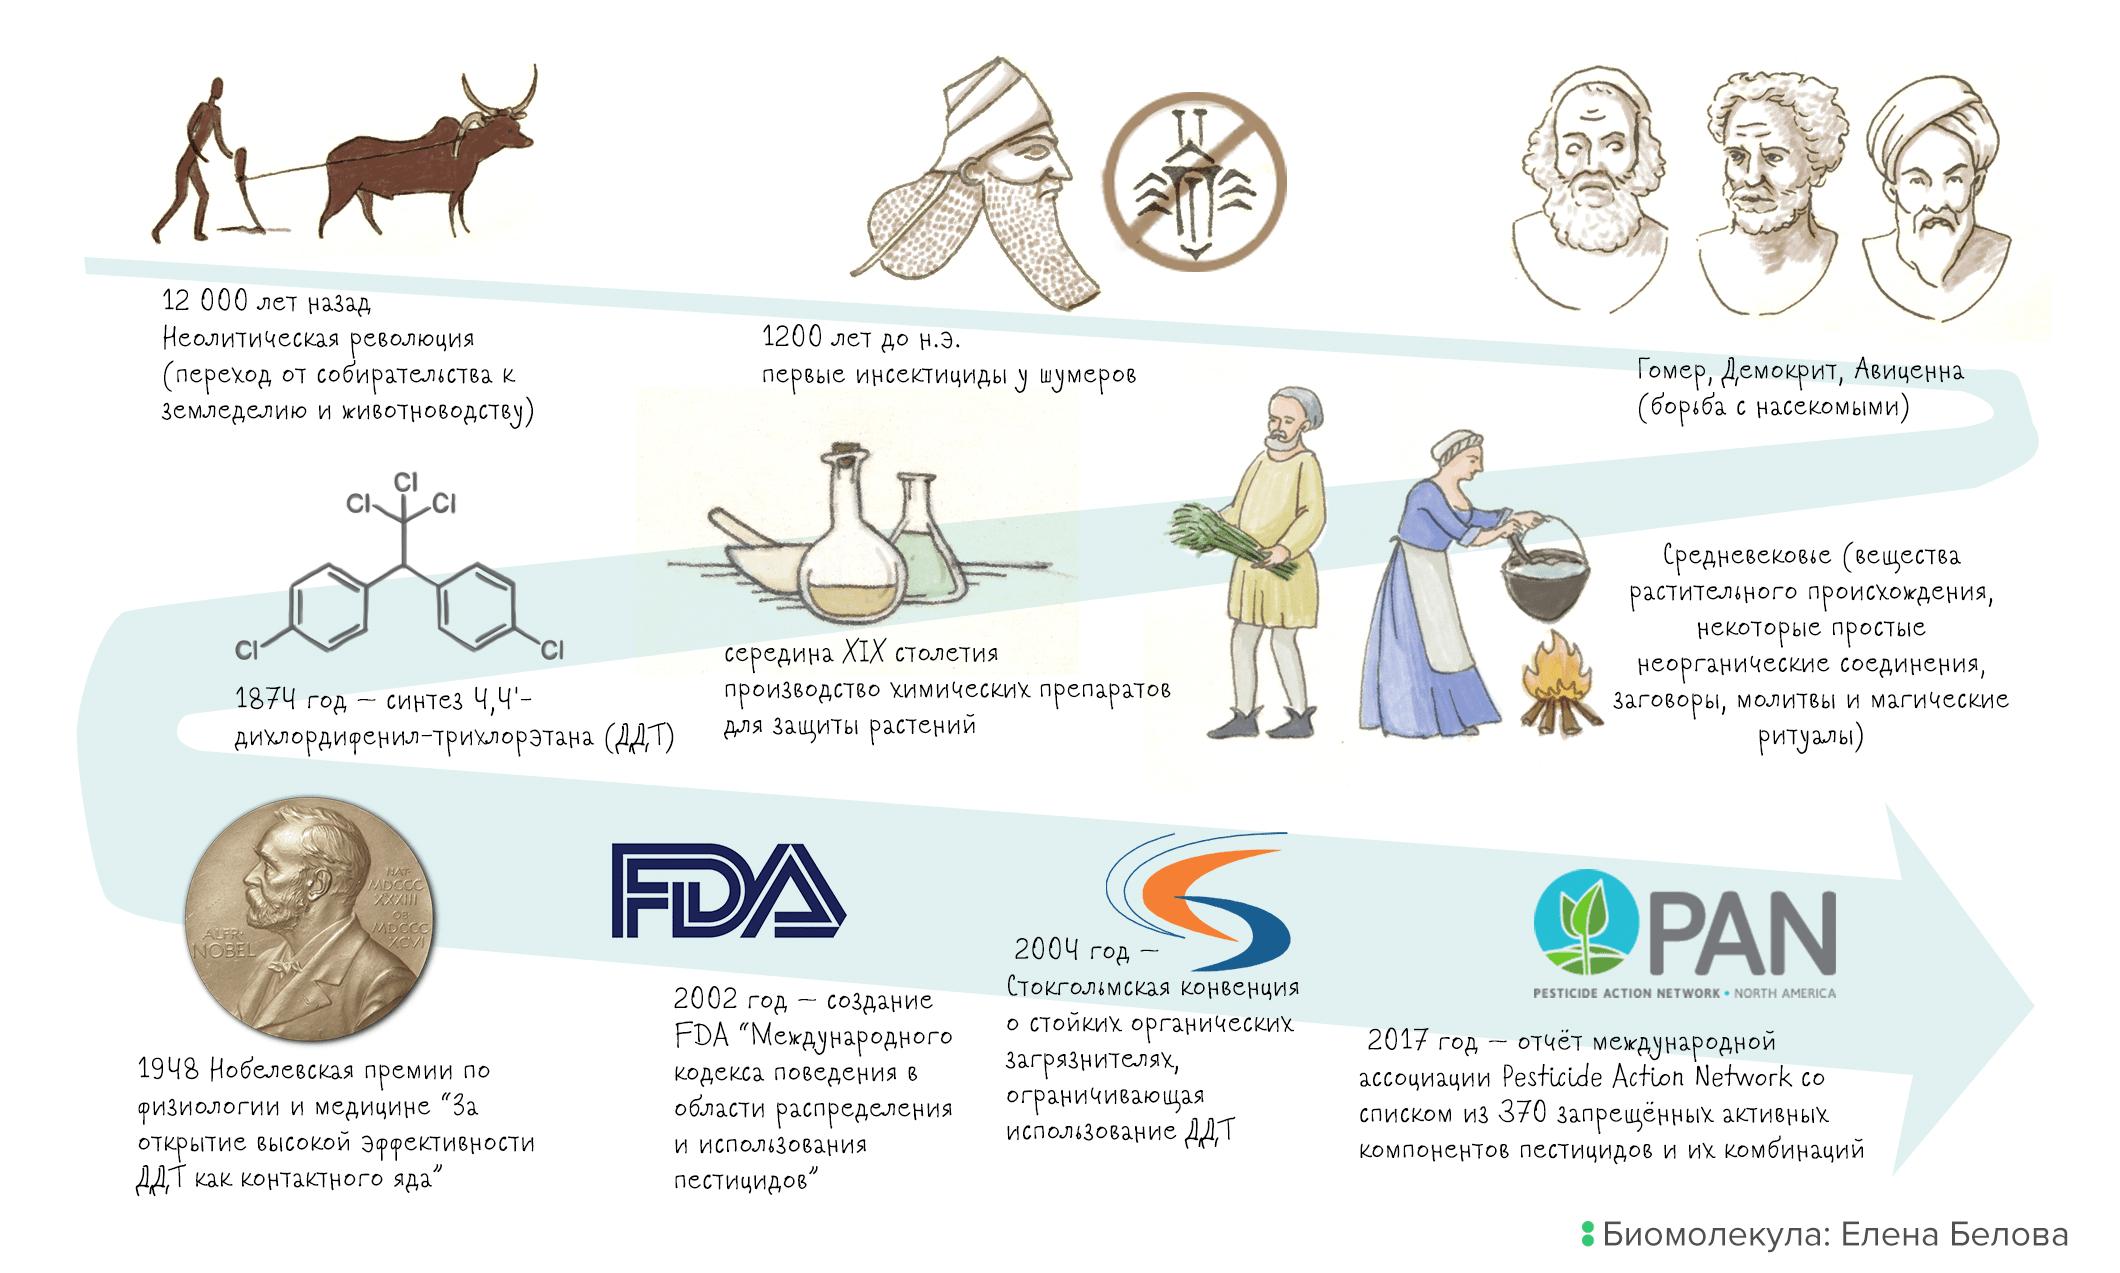 Основные вехи создания и применения пестицидов